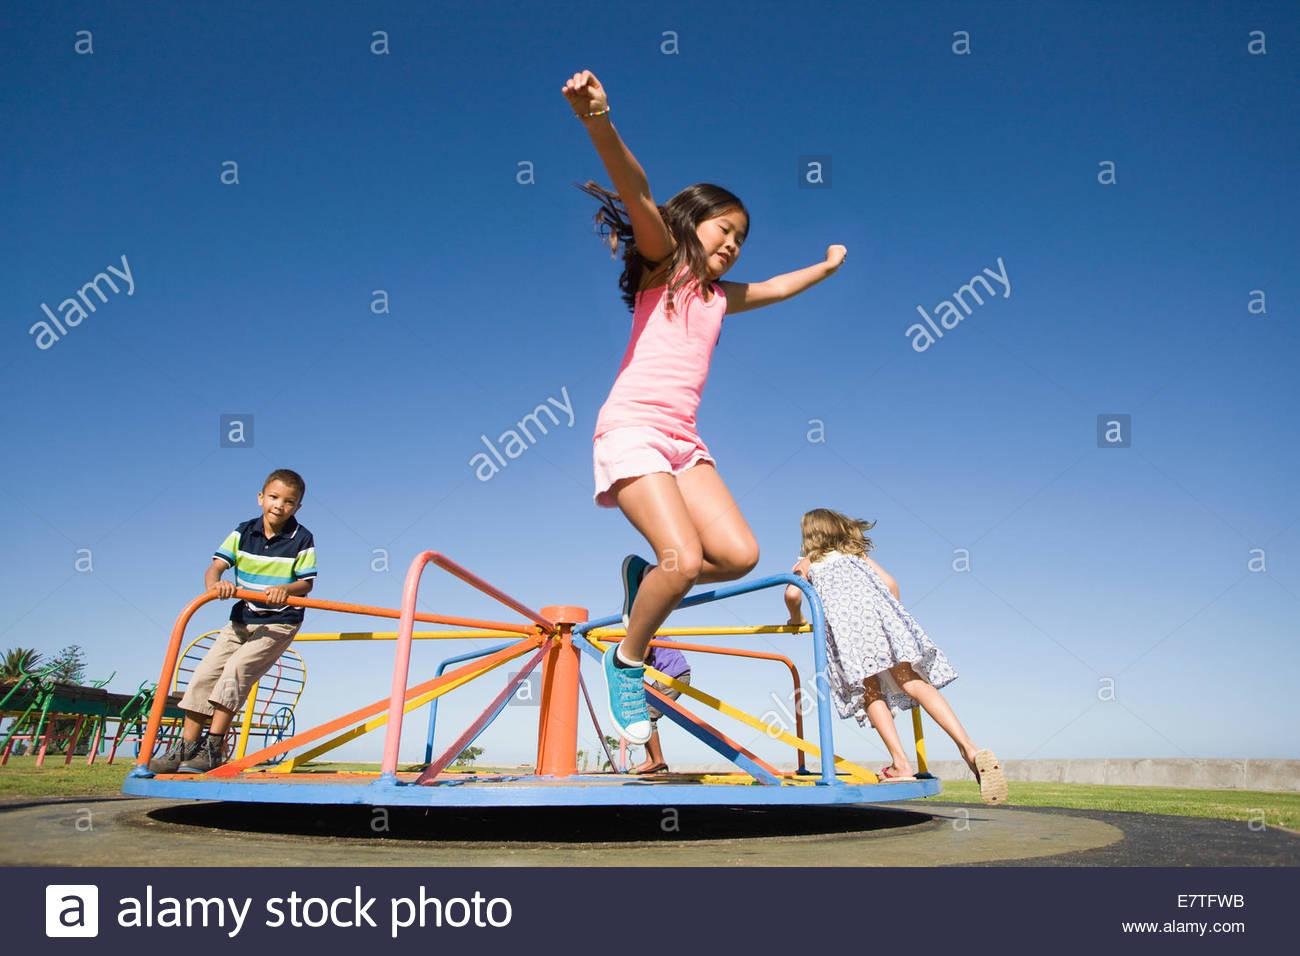 Kinder Karussell am Spielplatz abspringen Stockbild